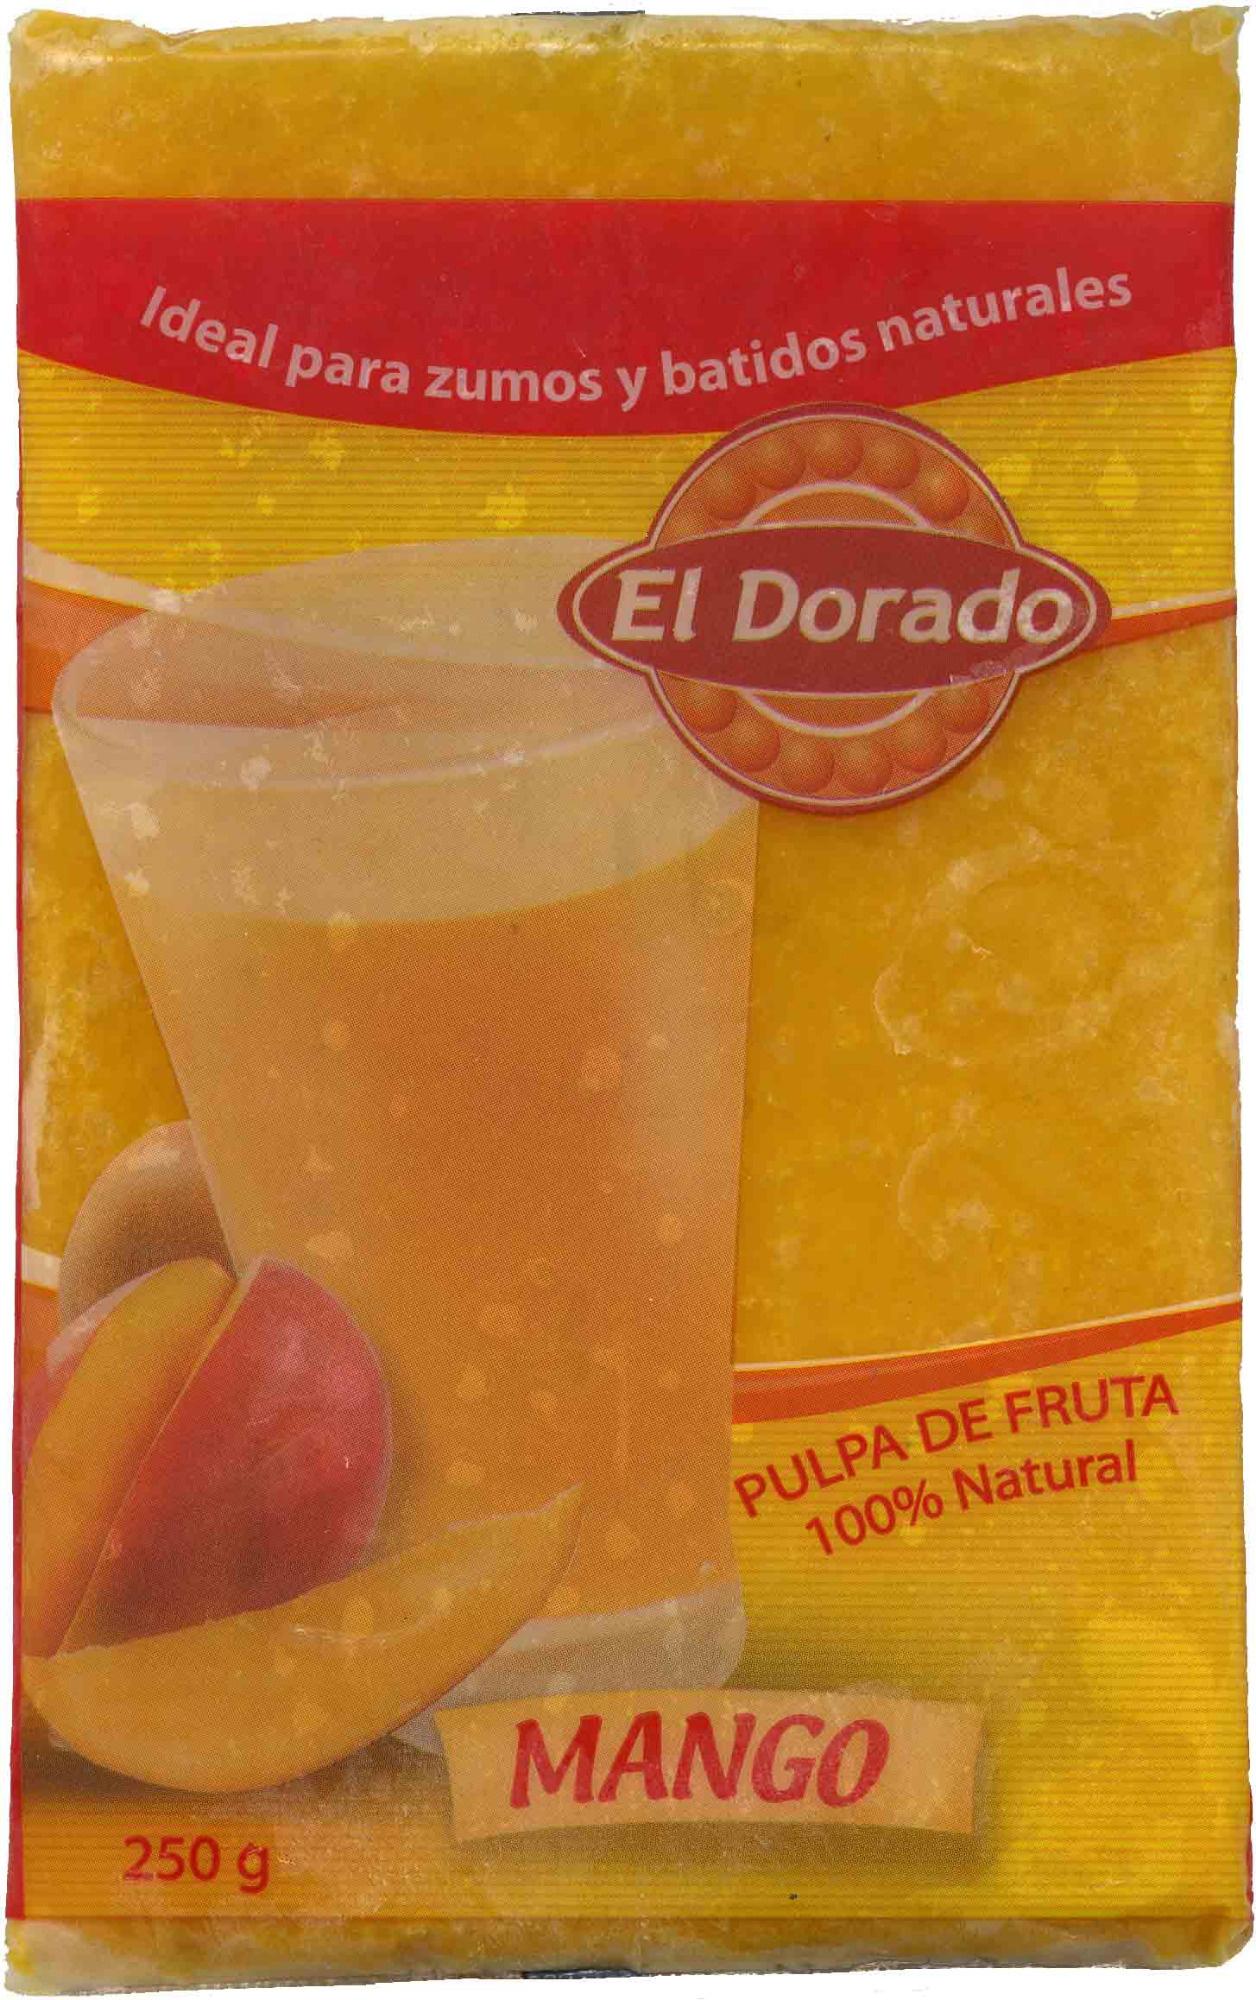 Pulpa de mango congelada - Producto - es